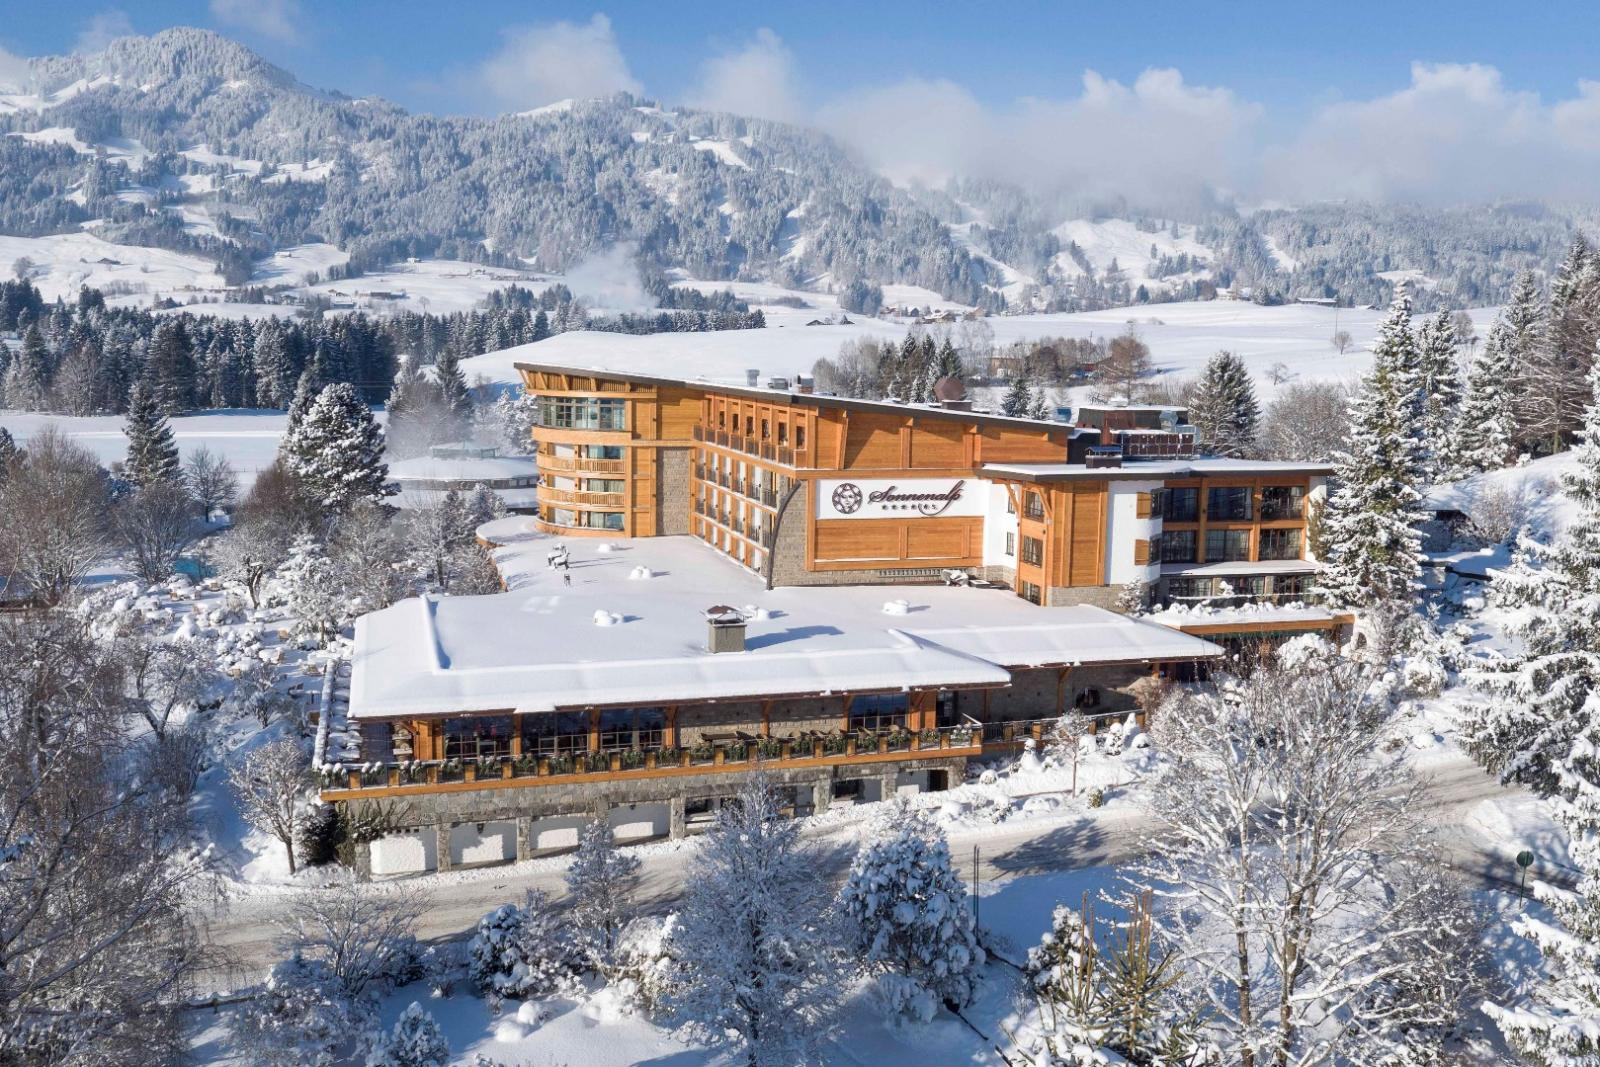 sonnenalp resort spa golf ofterschwang hotelbewertung. Black Bedroom Furniture Sets. Home Design Ideas